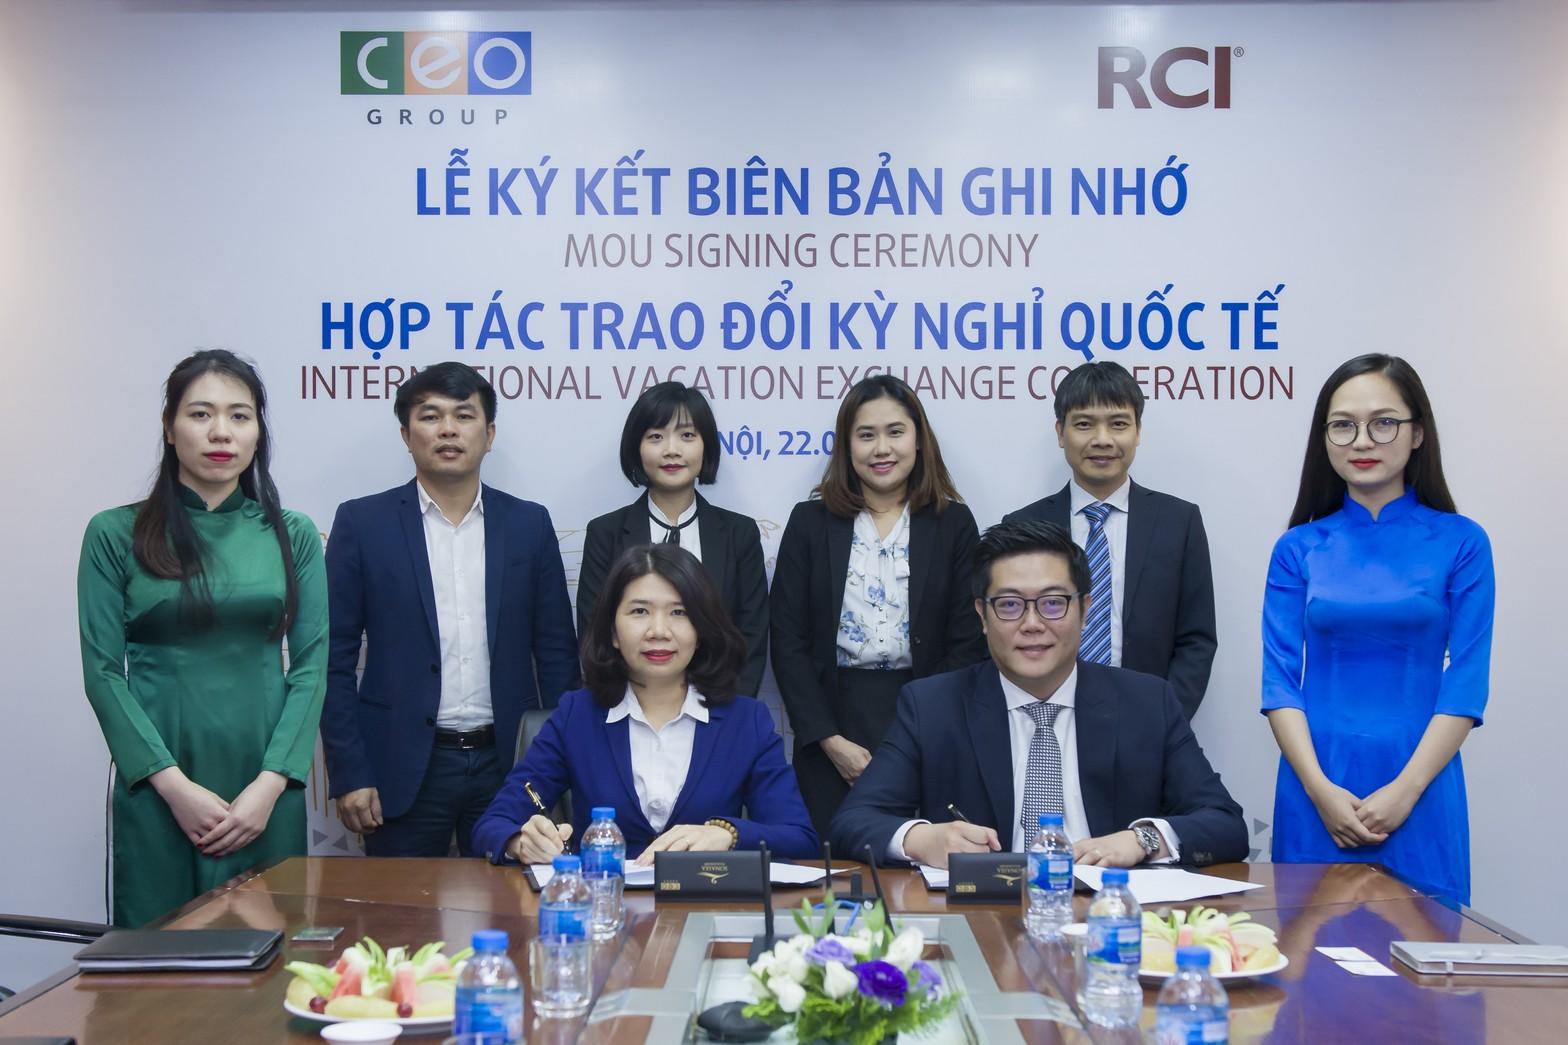 Tập đoàn CEO tiến tới hợp tác trao đổi kỳ nghỉ cùng RCI - Tập đoàn CEO